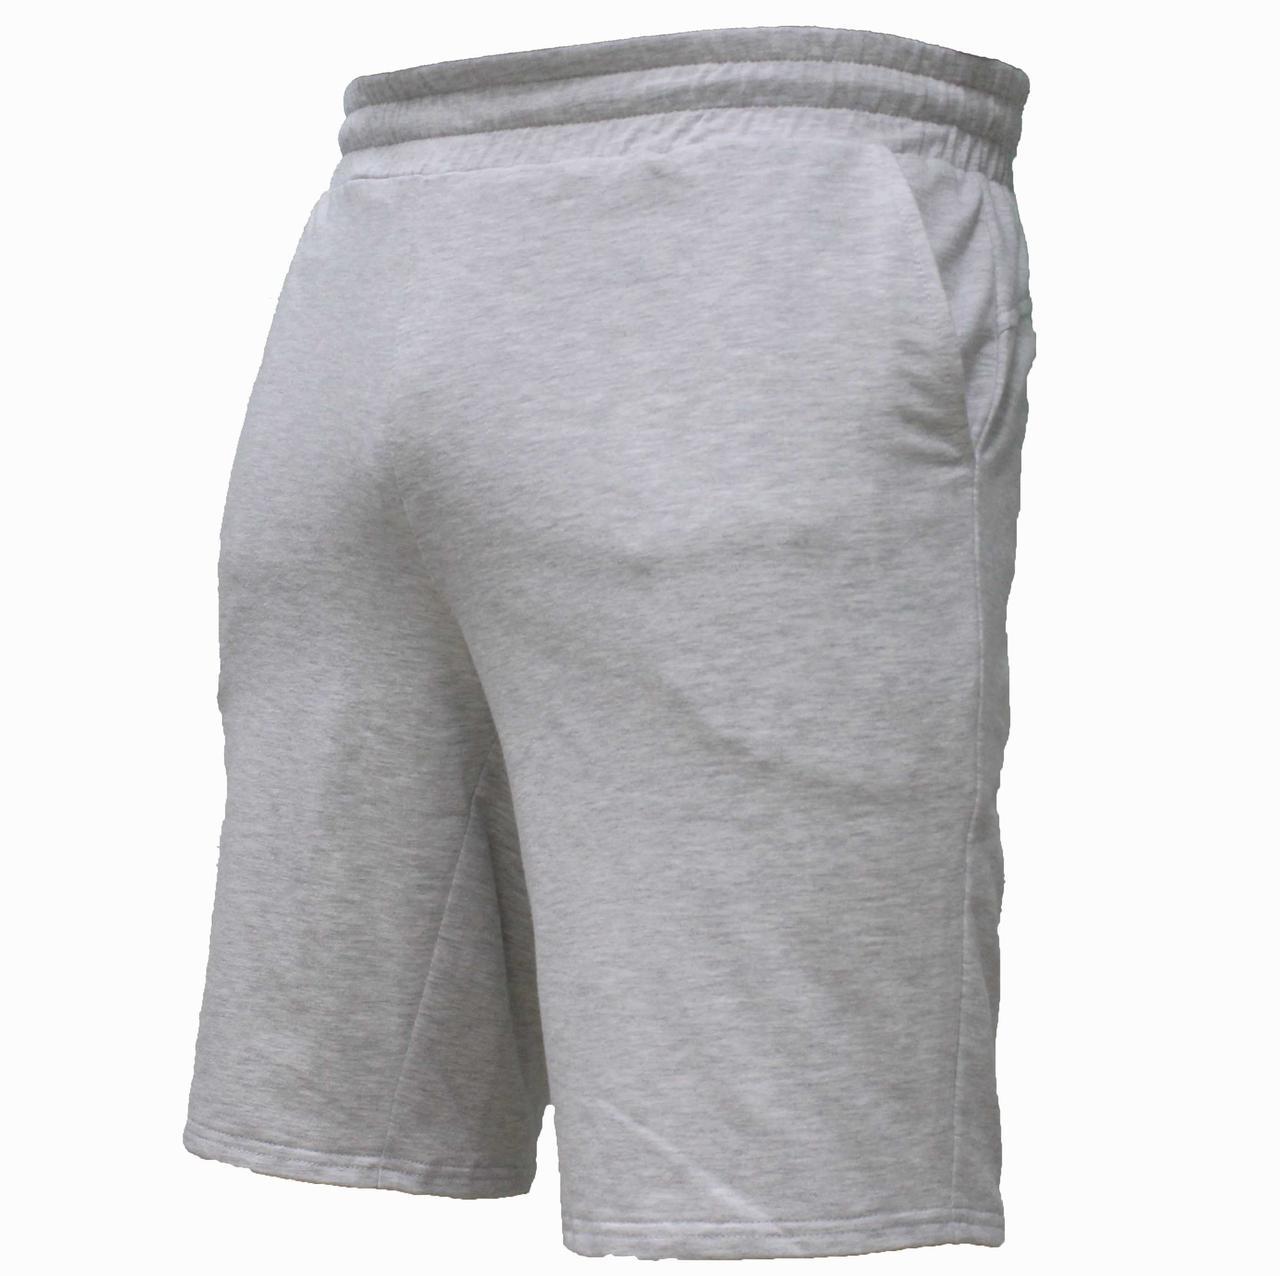 Мужские повседневные светлые трикотажные шорты серого цвета